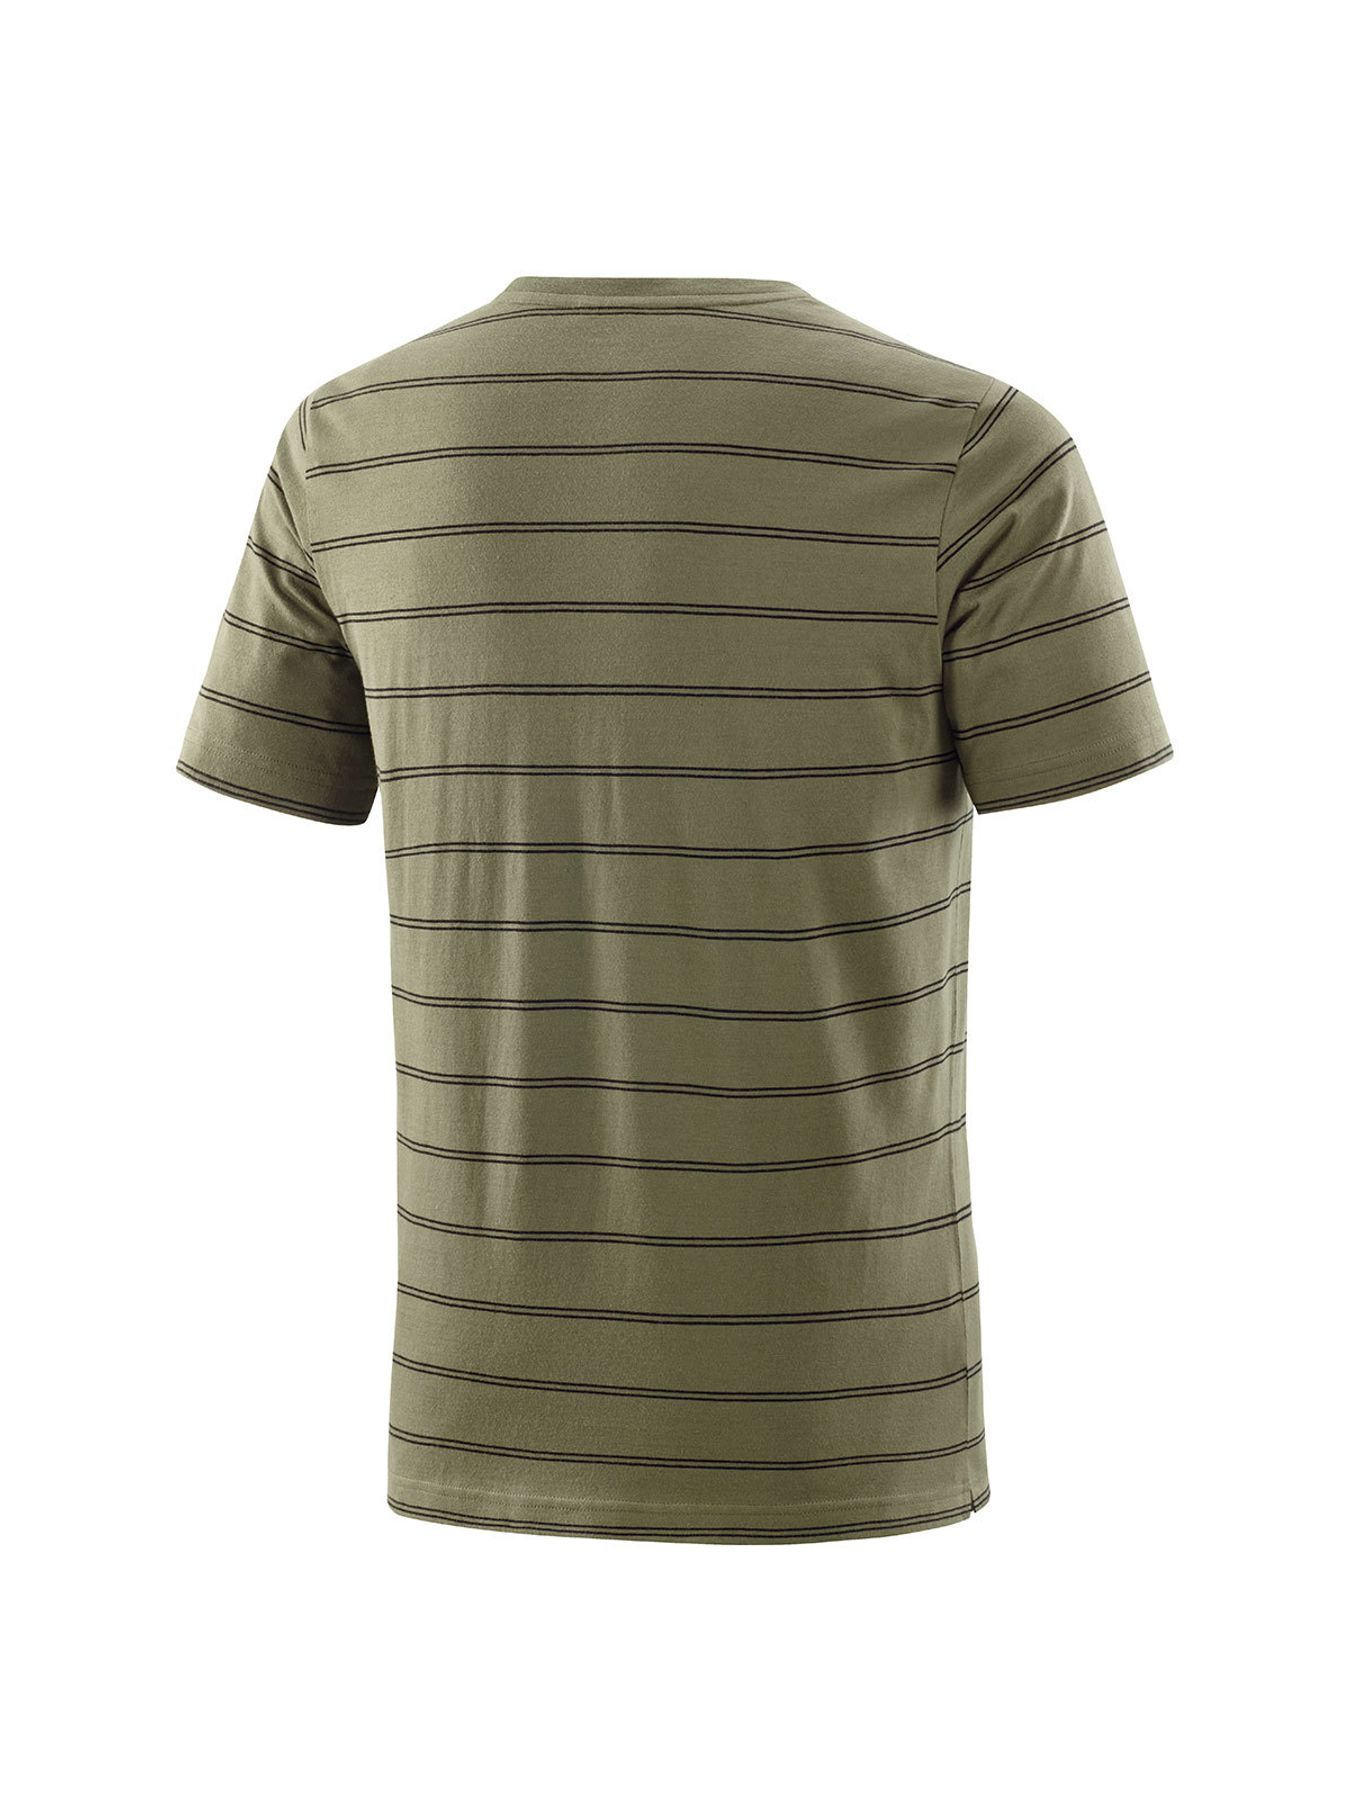 Joy - Herren Sport und Freizeit Shirt mit Rundhalsausschnitt, Wesley (40238A) – Bild 14